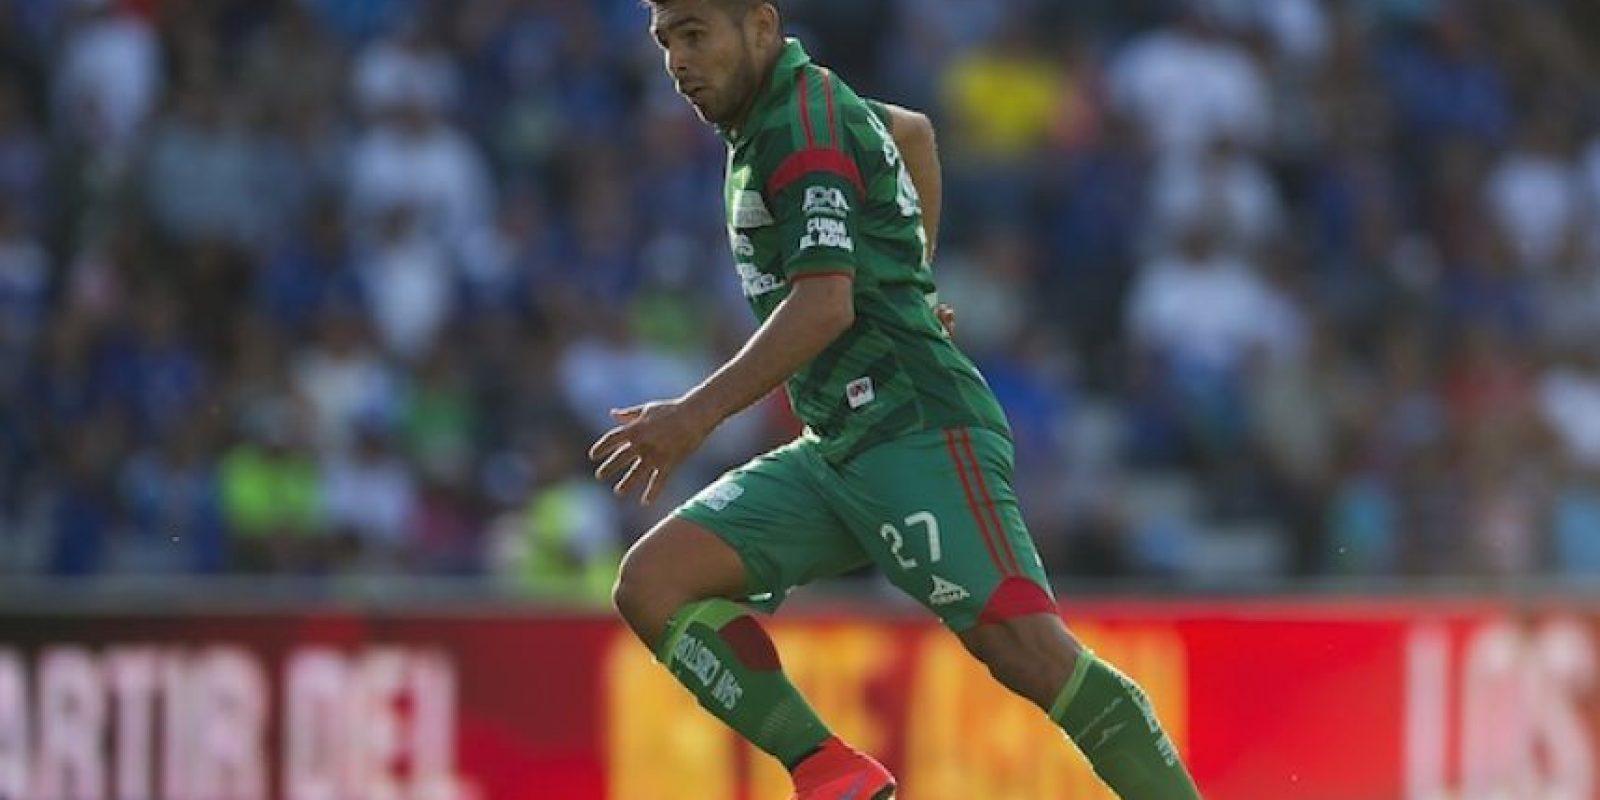 El delantero argentino suma 18 goles en sus últimas dos temporadas en México. Foto:Mexsport